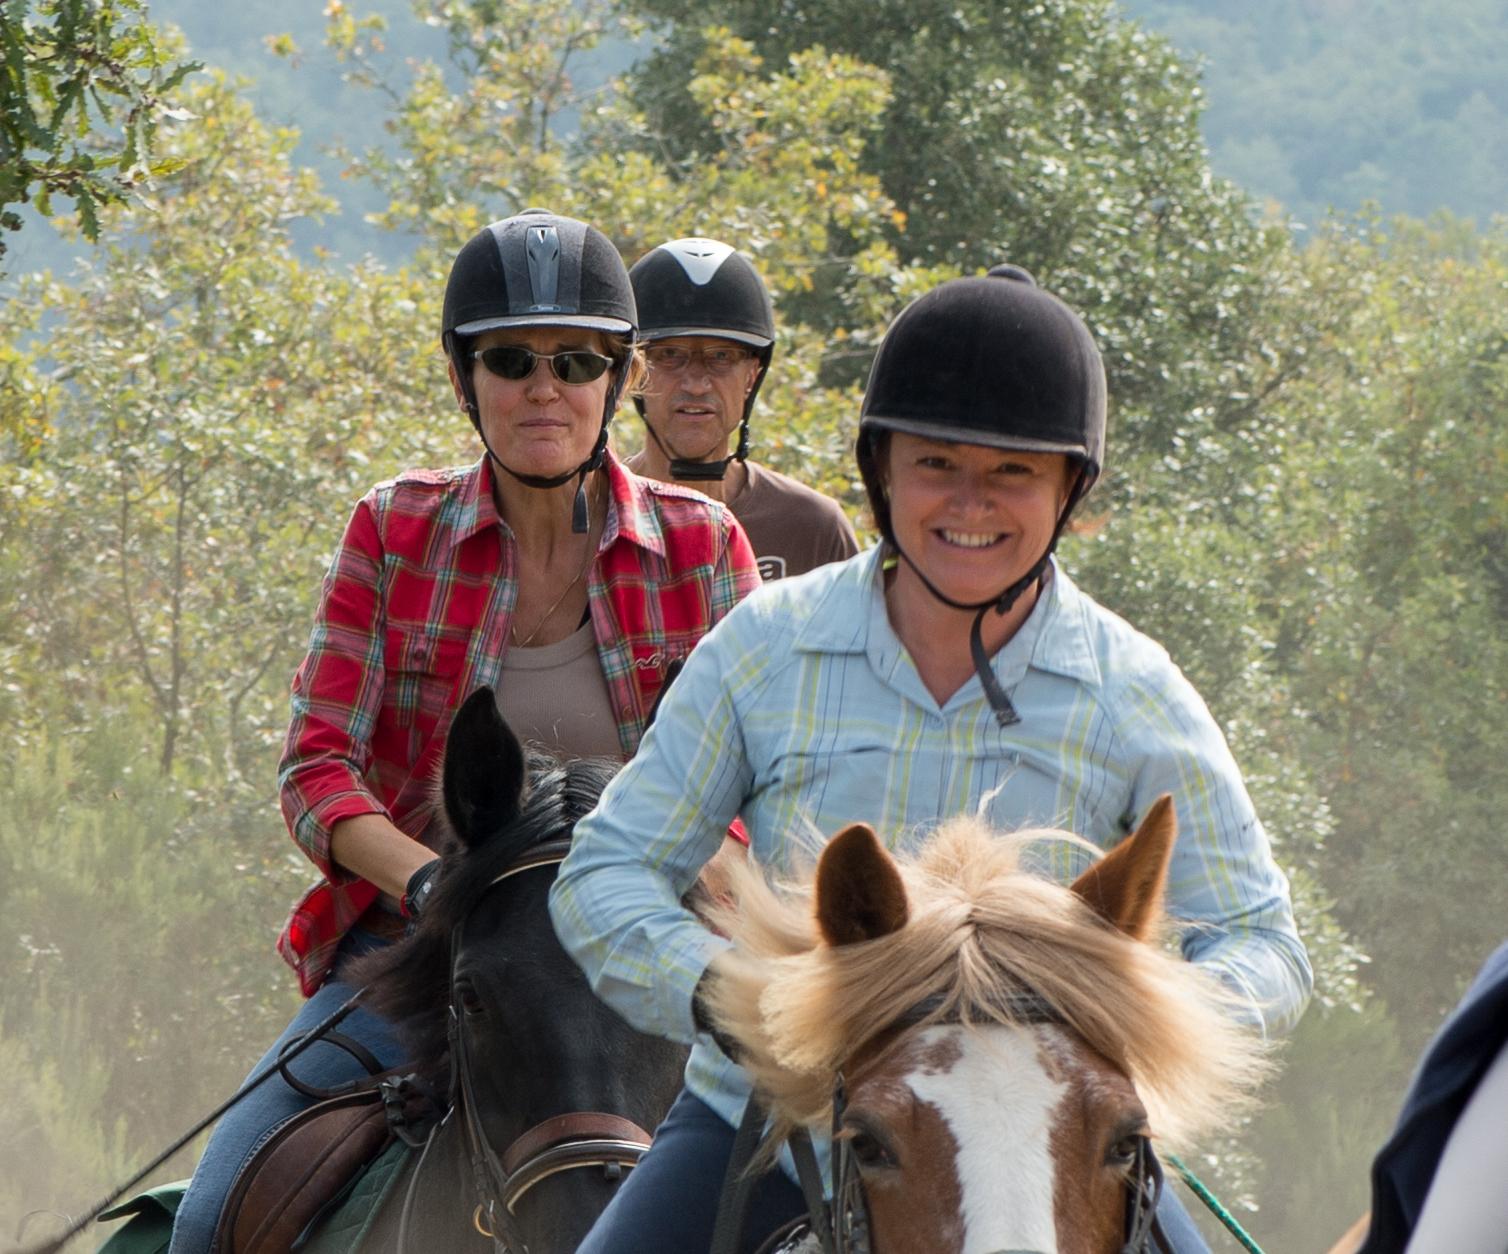 Ontspannen en paardrijden in de Chianti streek / Italië - Vakantie te paard / Reisbureau Perlan